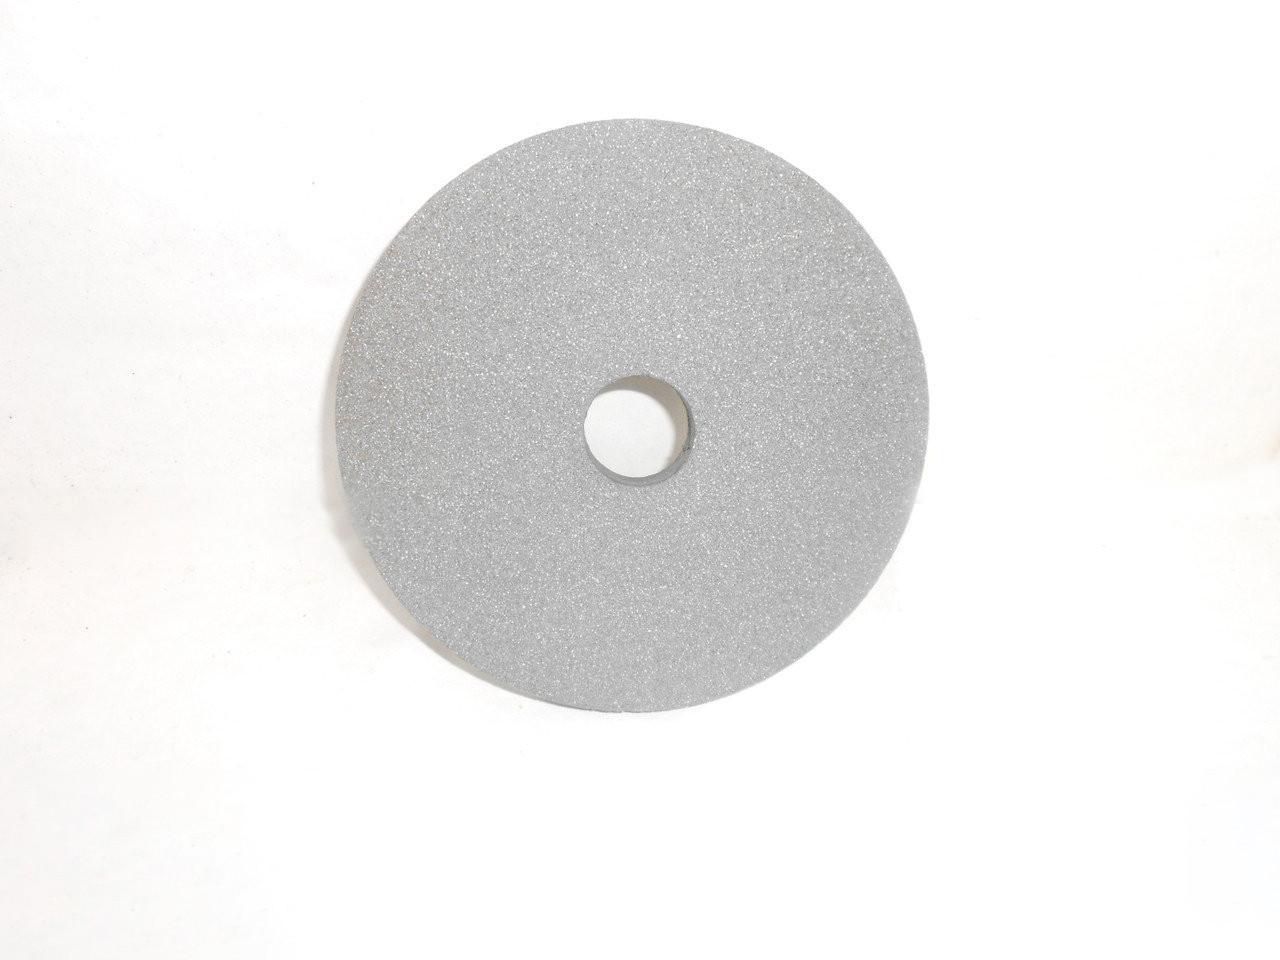 Круг шлифовальный 14А ПП 175х16х32  16-40  СМ-СТ